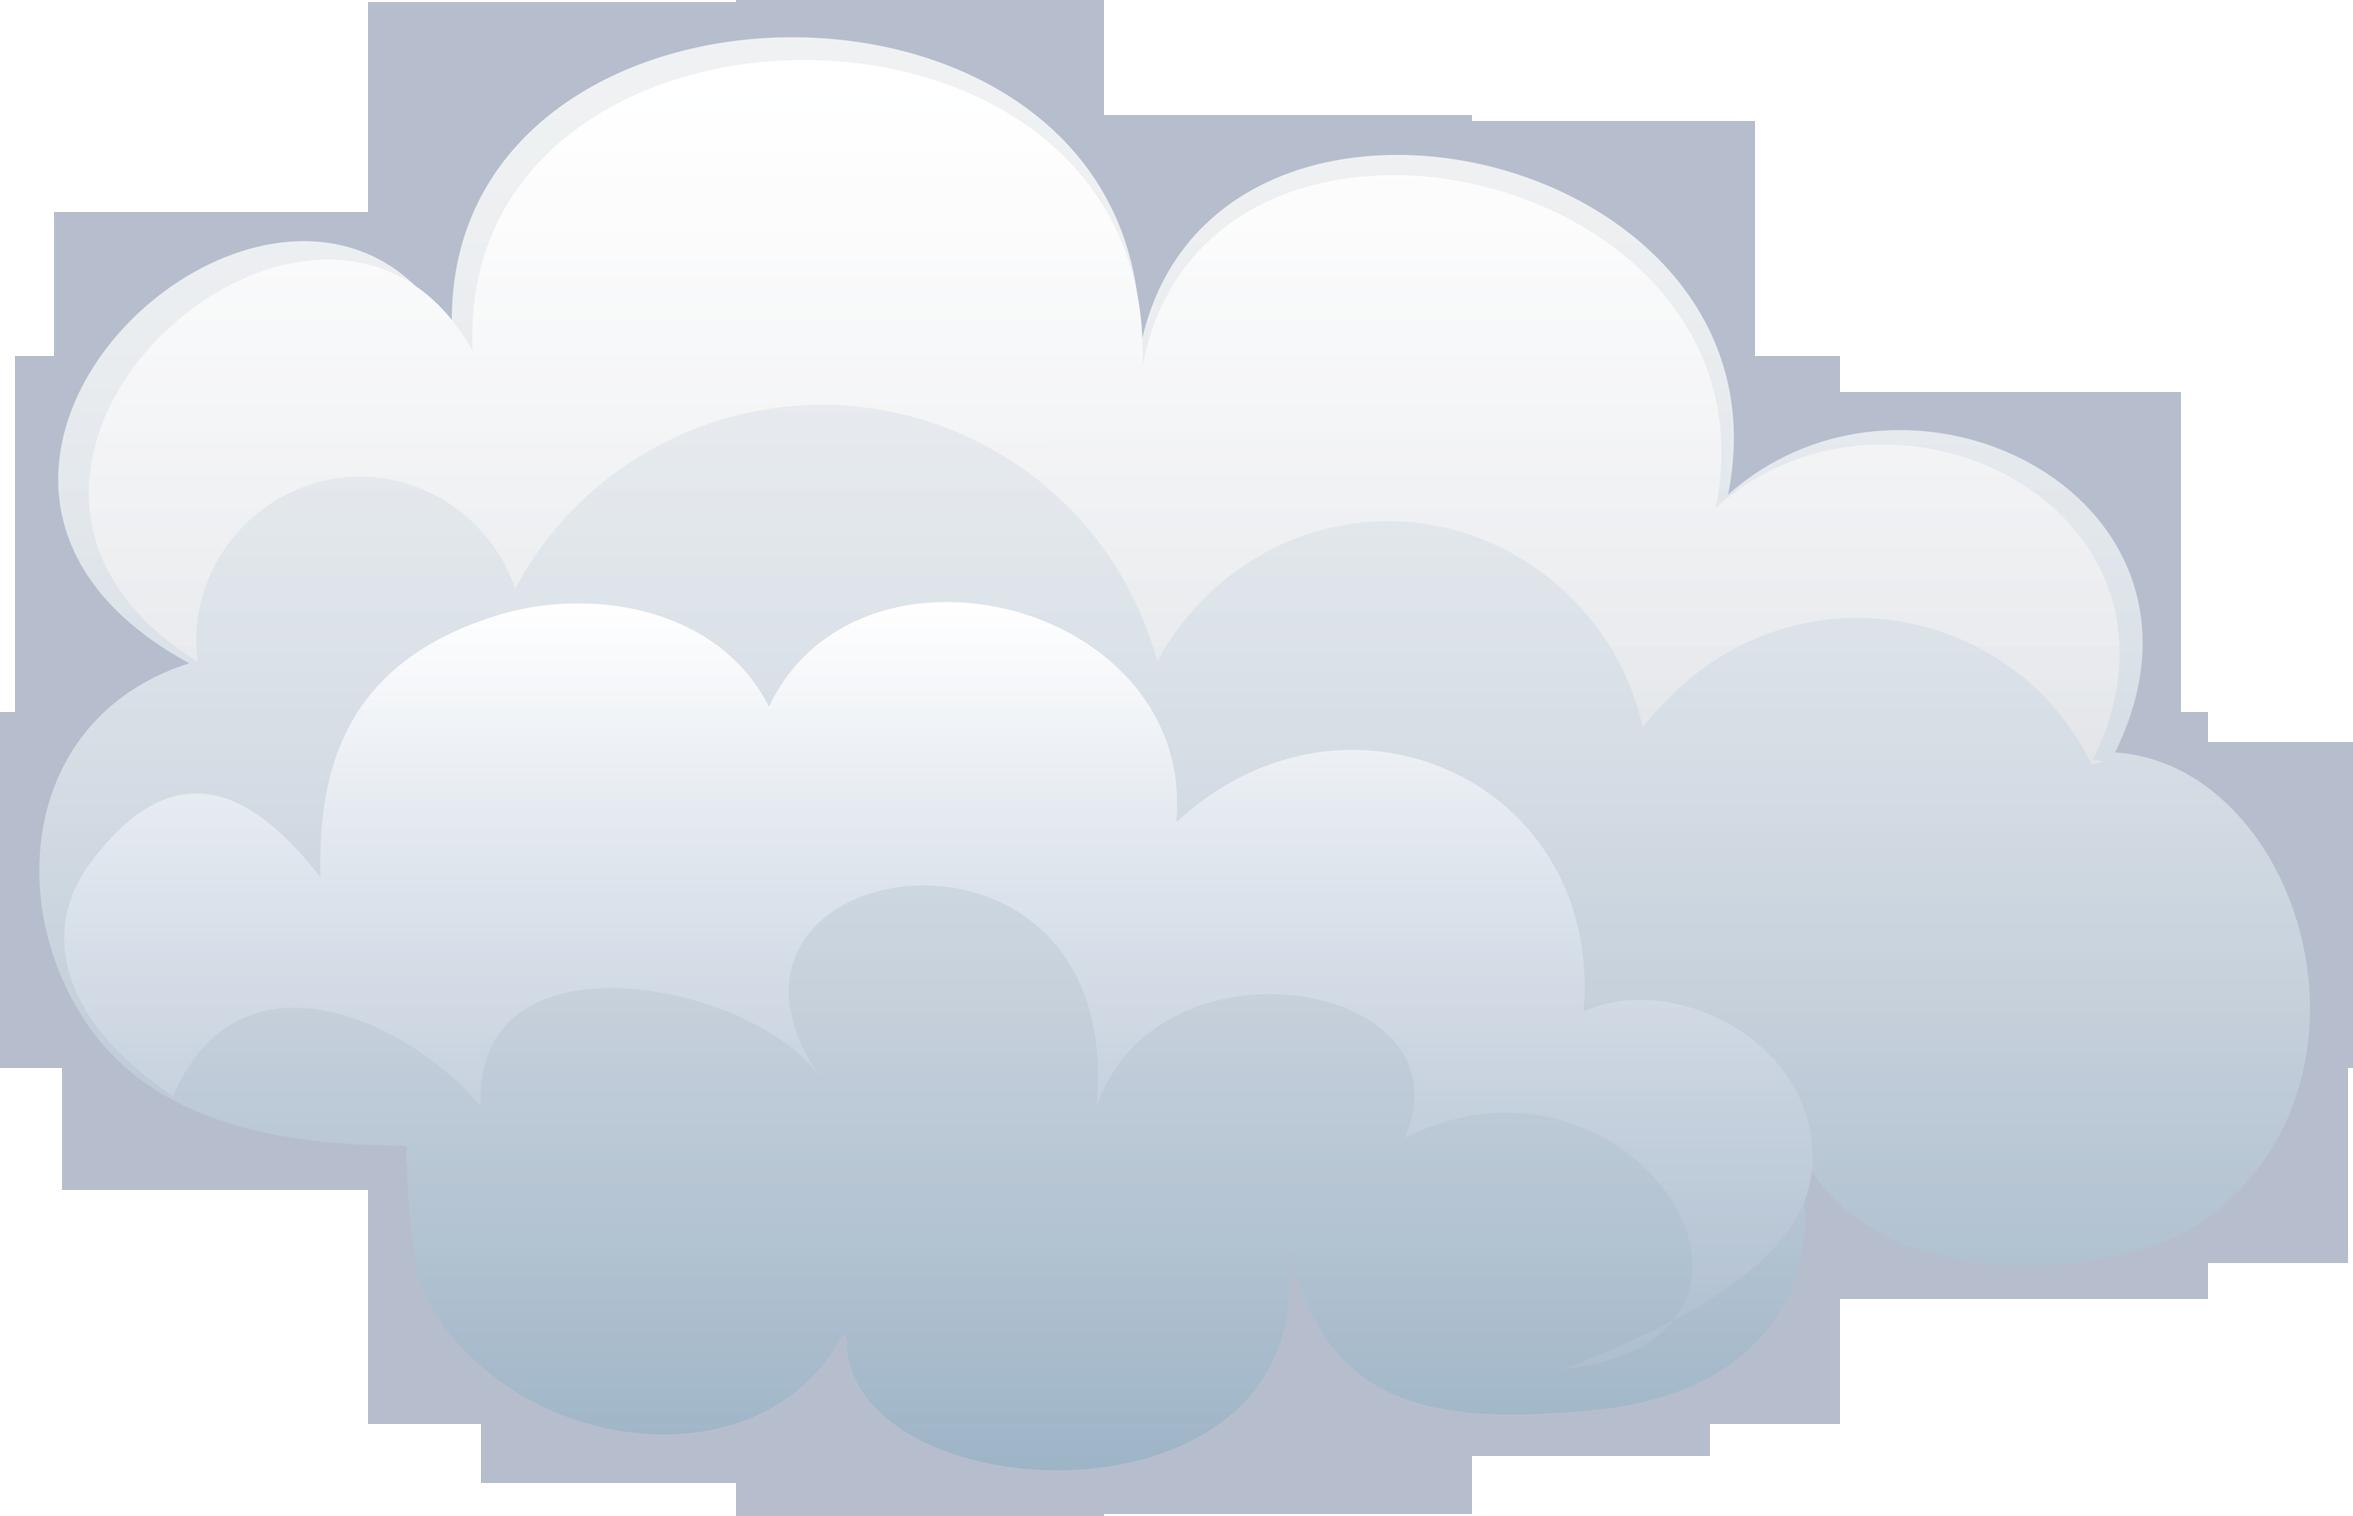 юбка картинки о погоде тучки собраны овальные